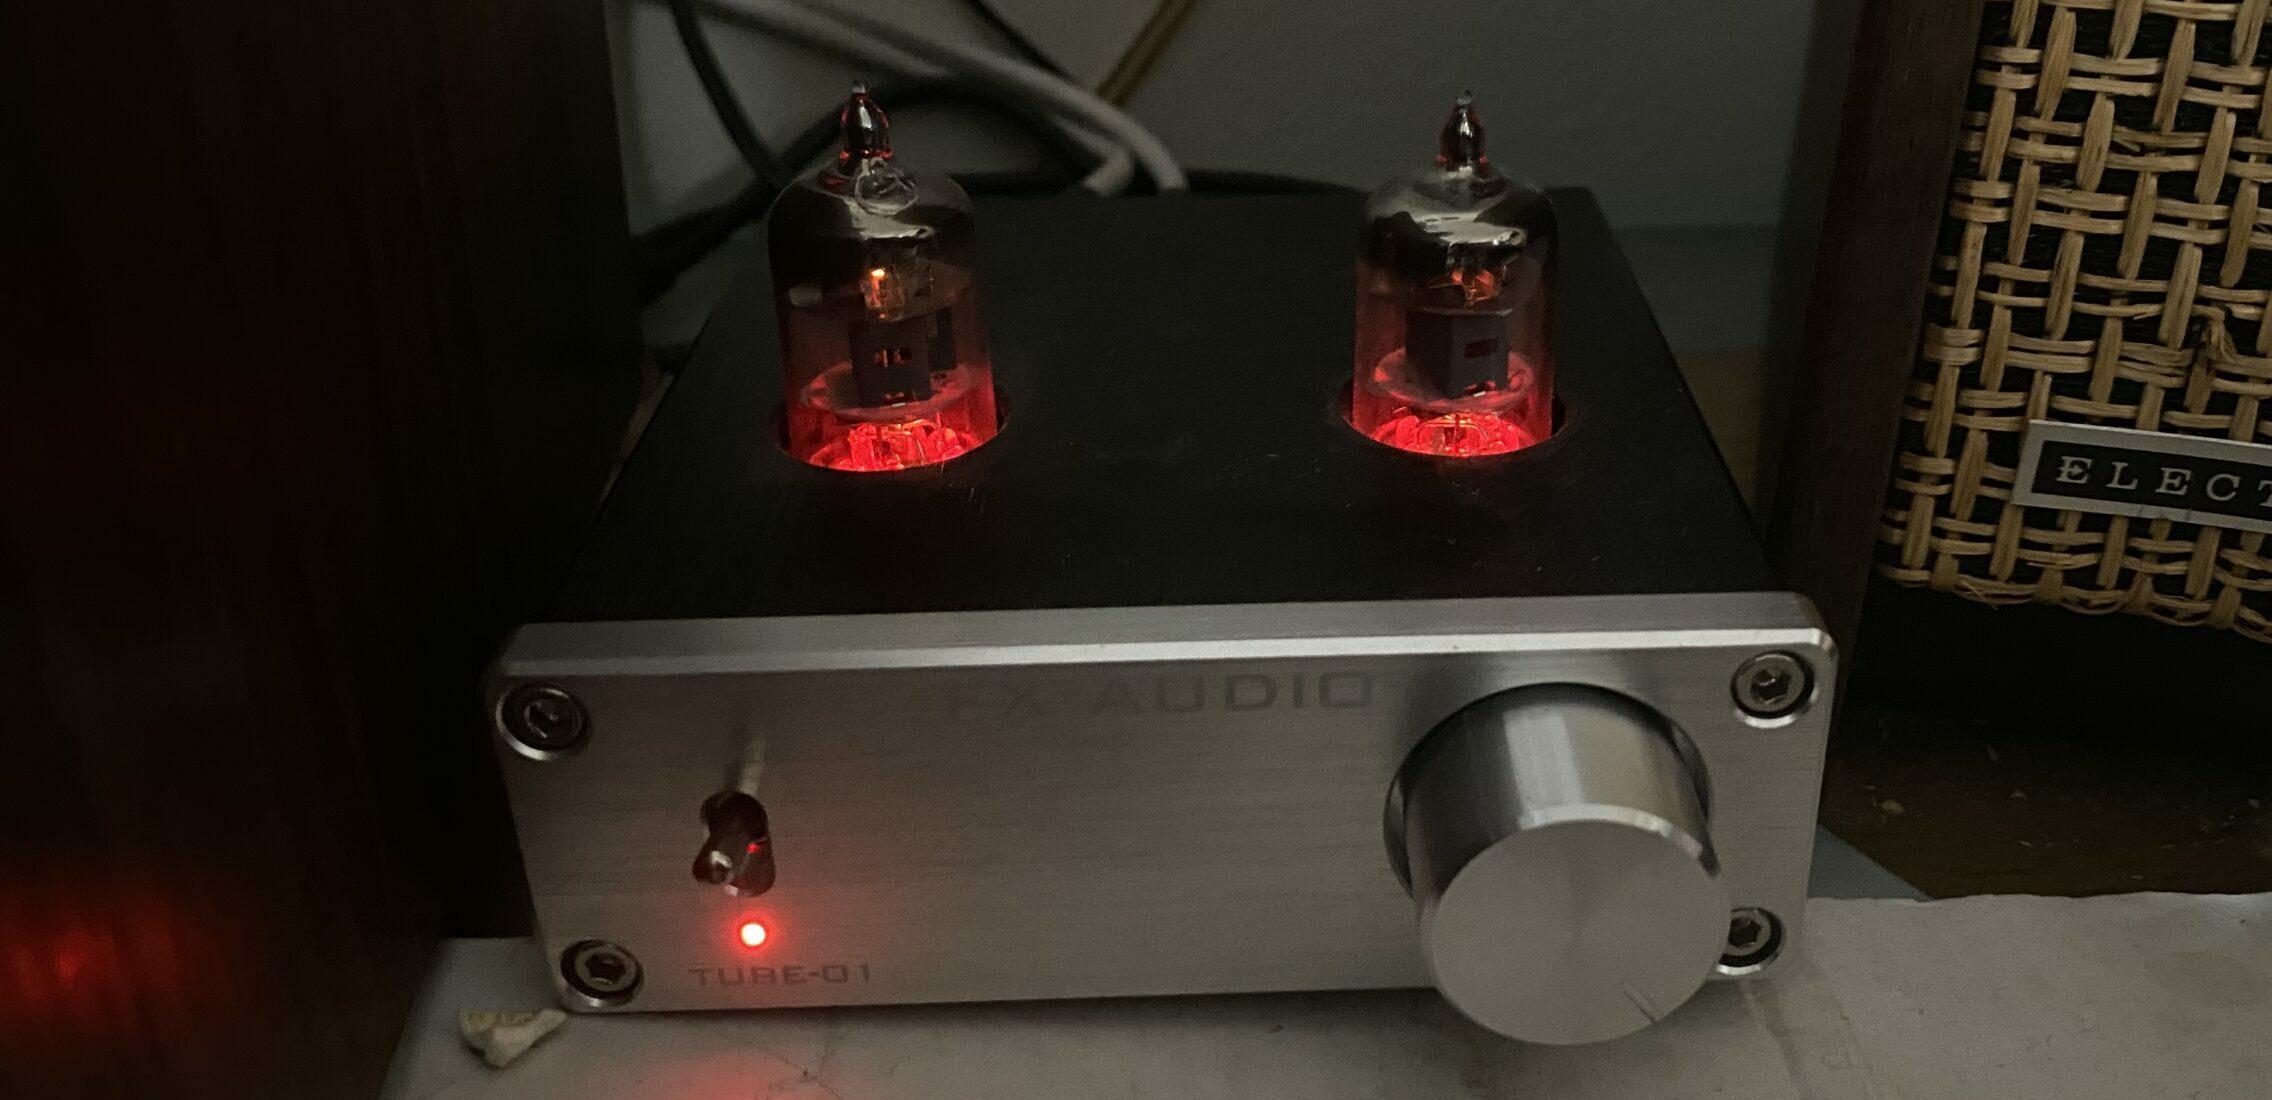 The FX Audio Tube-01 itself.